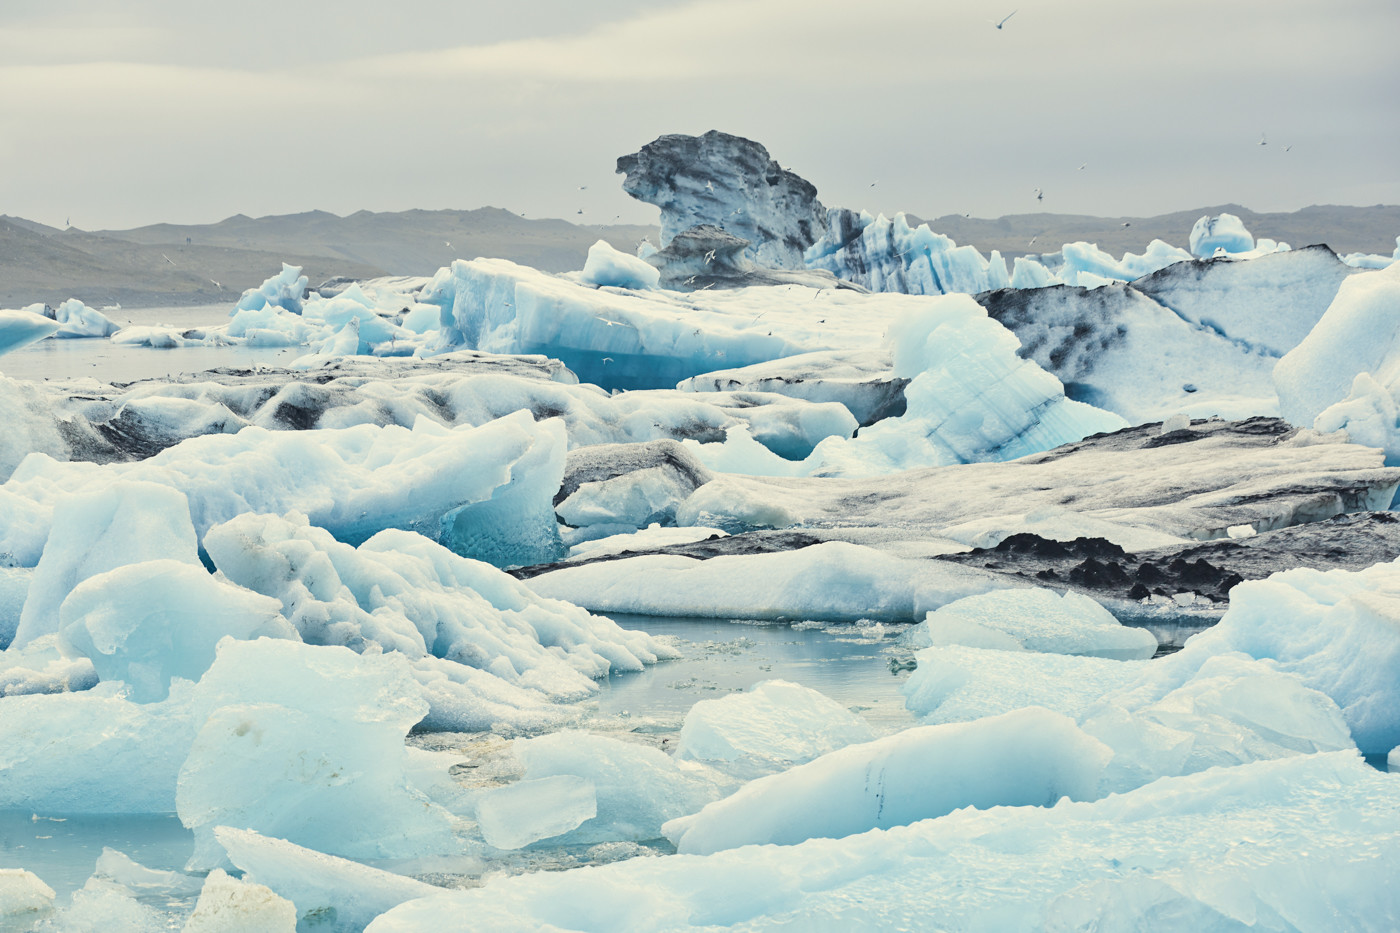 Jökulsárlón, eissee, ice lagoon, ice lake, lagoon, eis, eisschollen, gletschereis, bootstouren, reiseblog, reiseblogger, miles and shores, lichtstimmung, besondere, einzigartiges Island